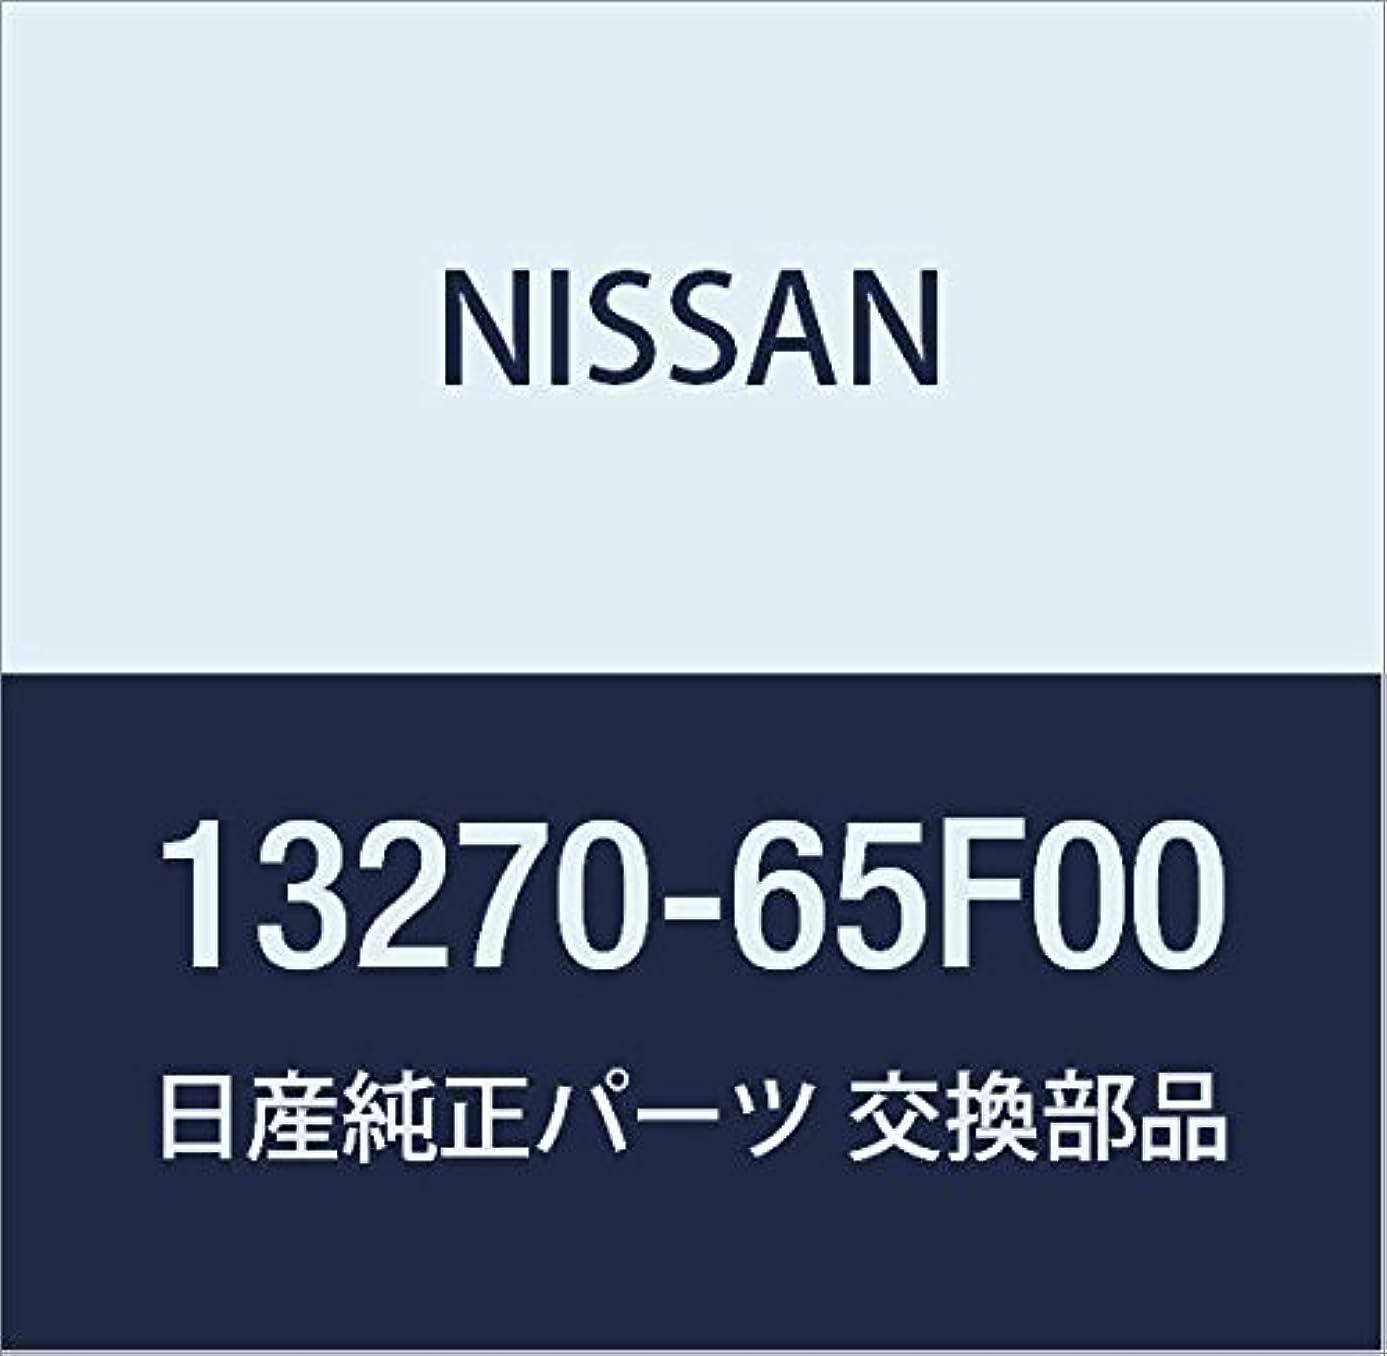 熱粘液腐ったNISSAN (日産) 純正部品 ガスケツト ロツカー カバー 品番13271-65F00